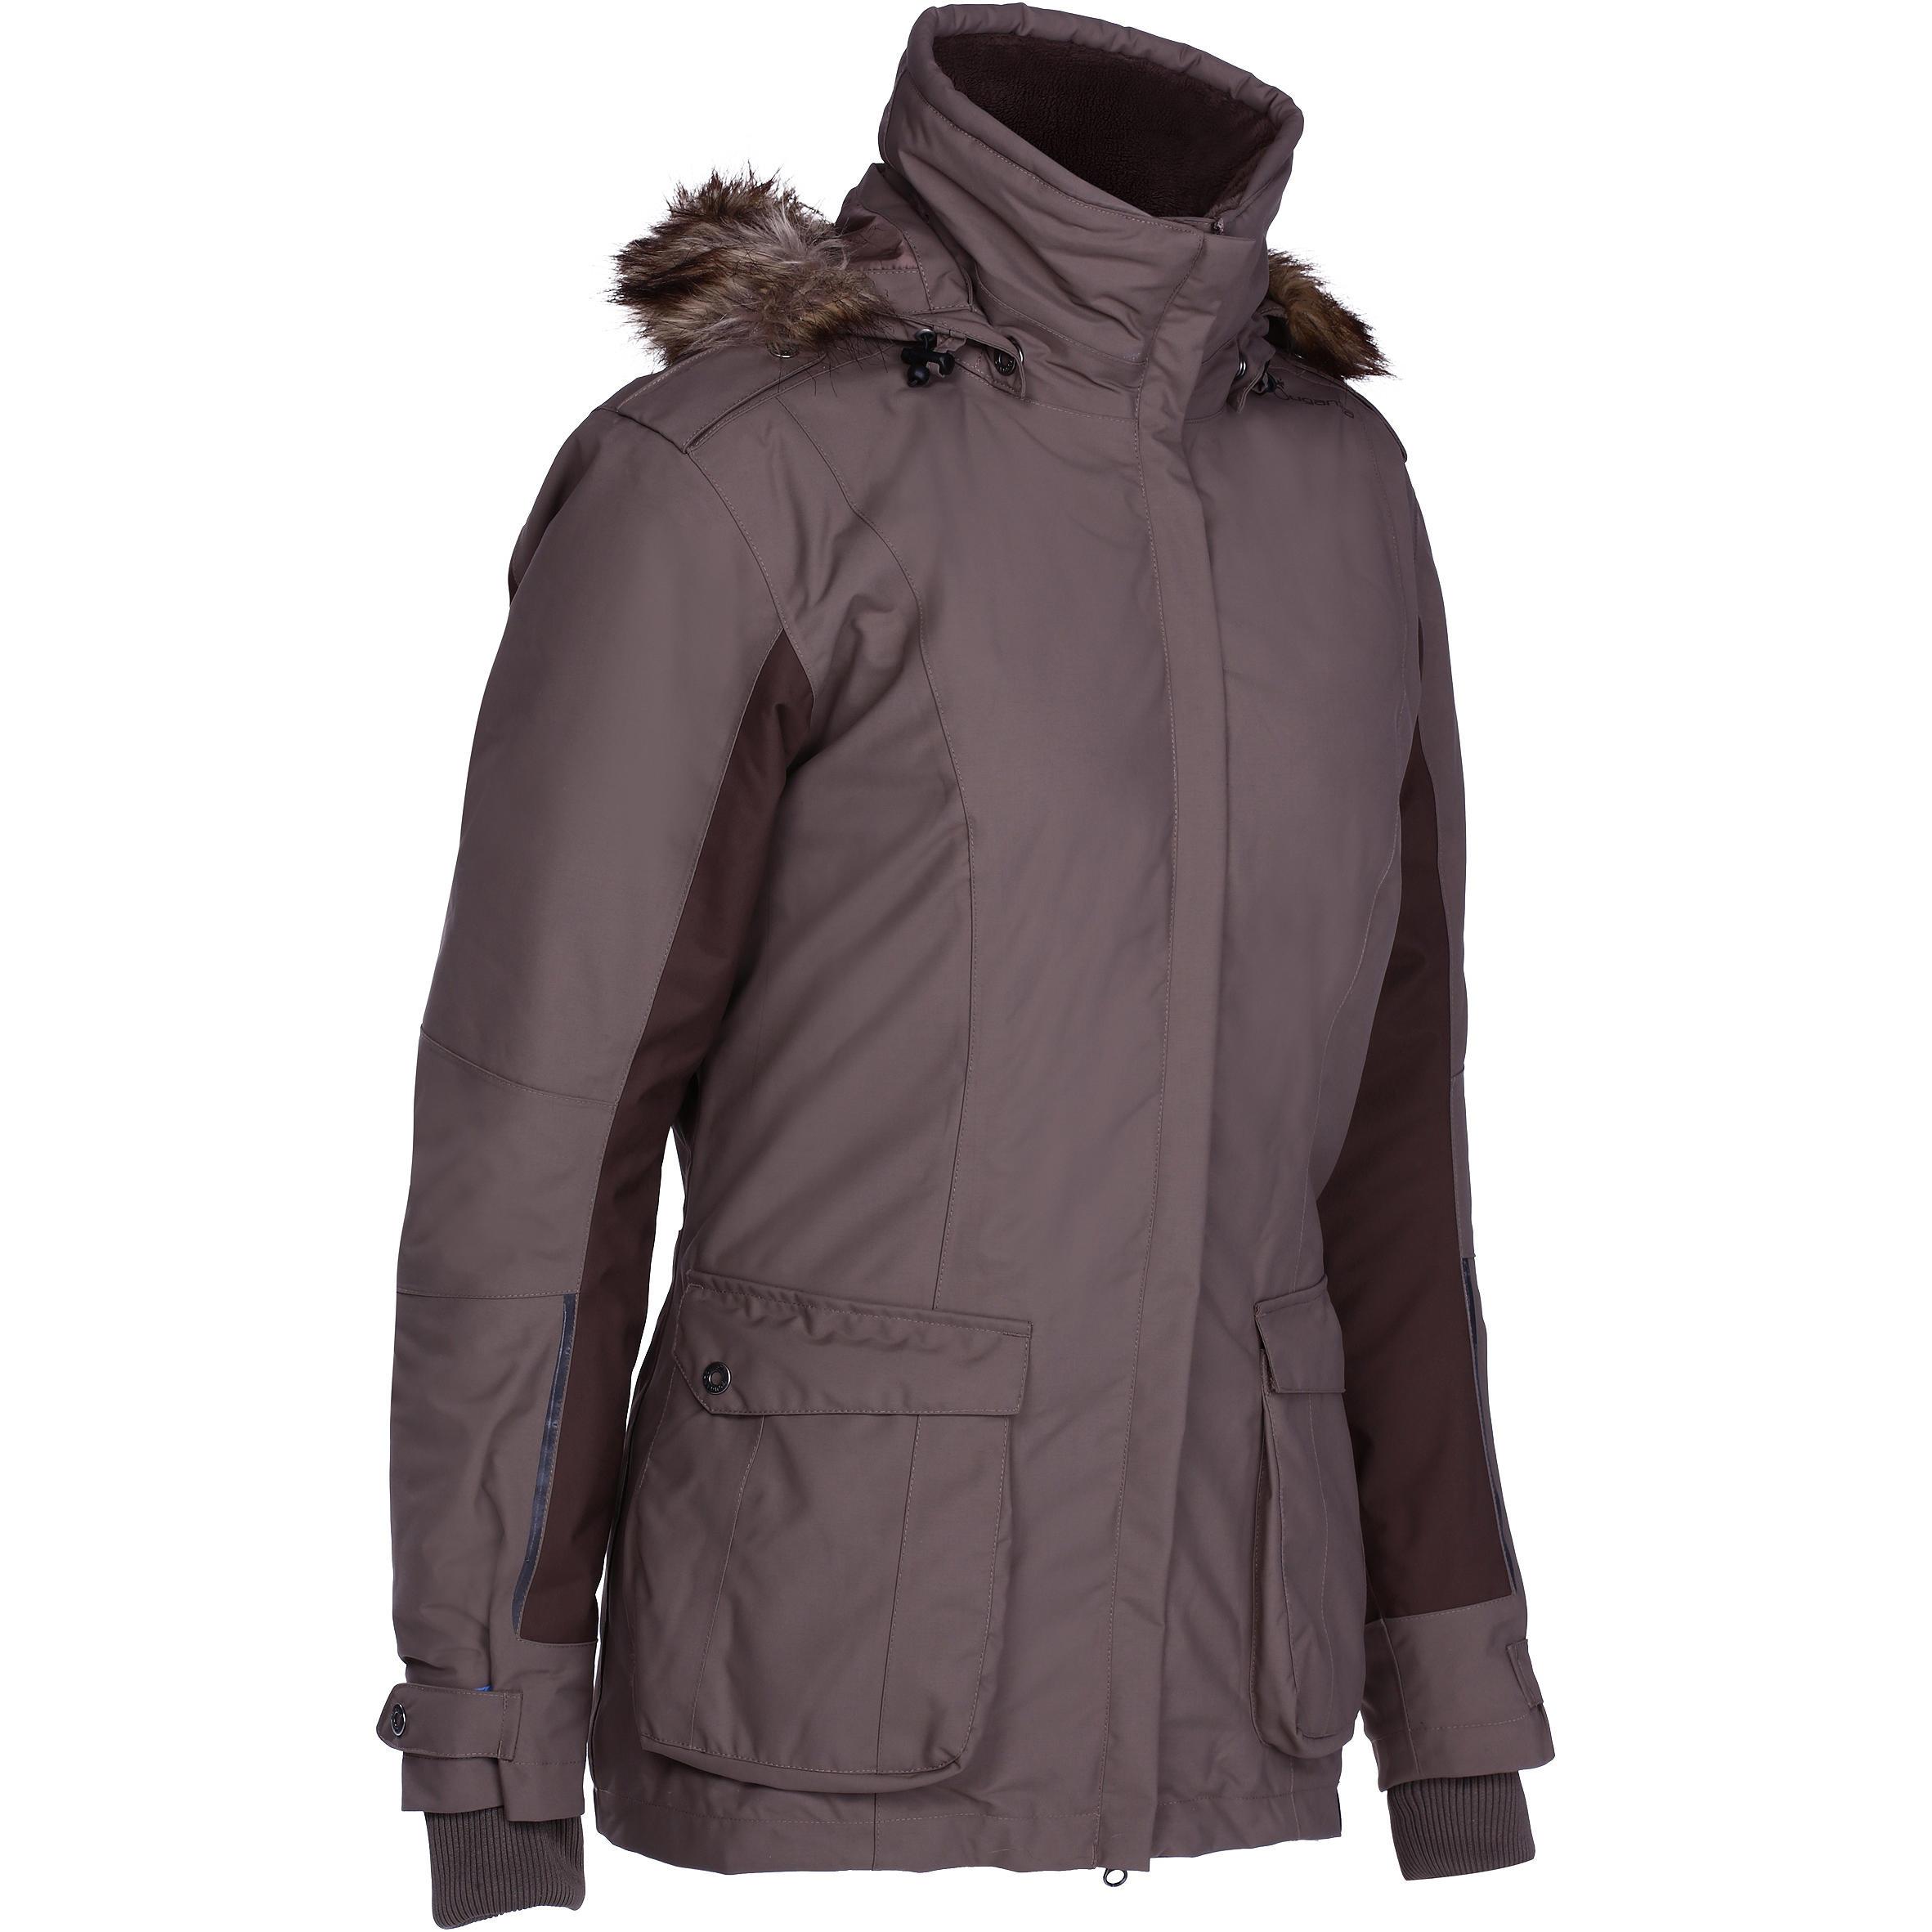 Winter-Reitparka Paddock wasserdicht warm Damen braun | Bekleidung > Jacken | Fouganza